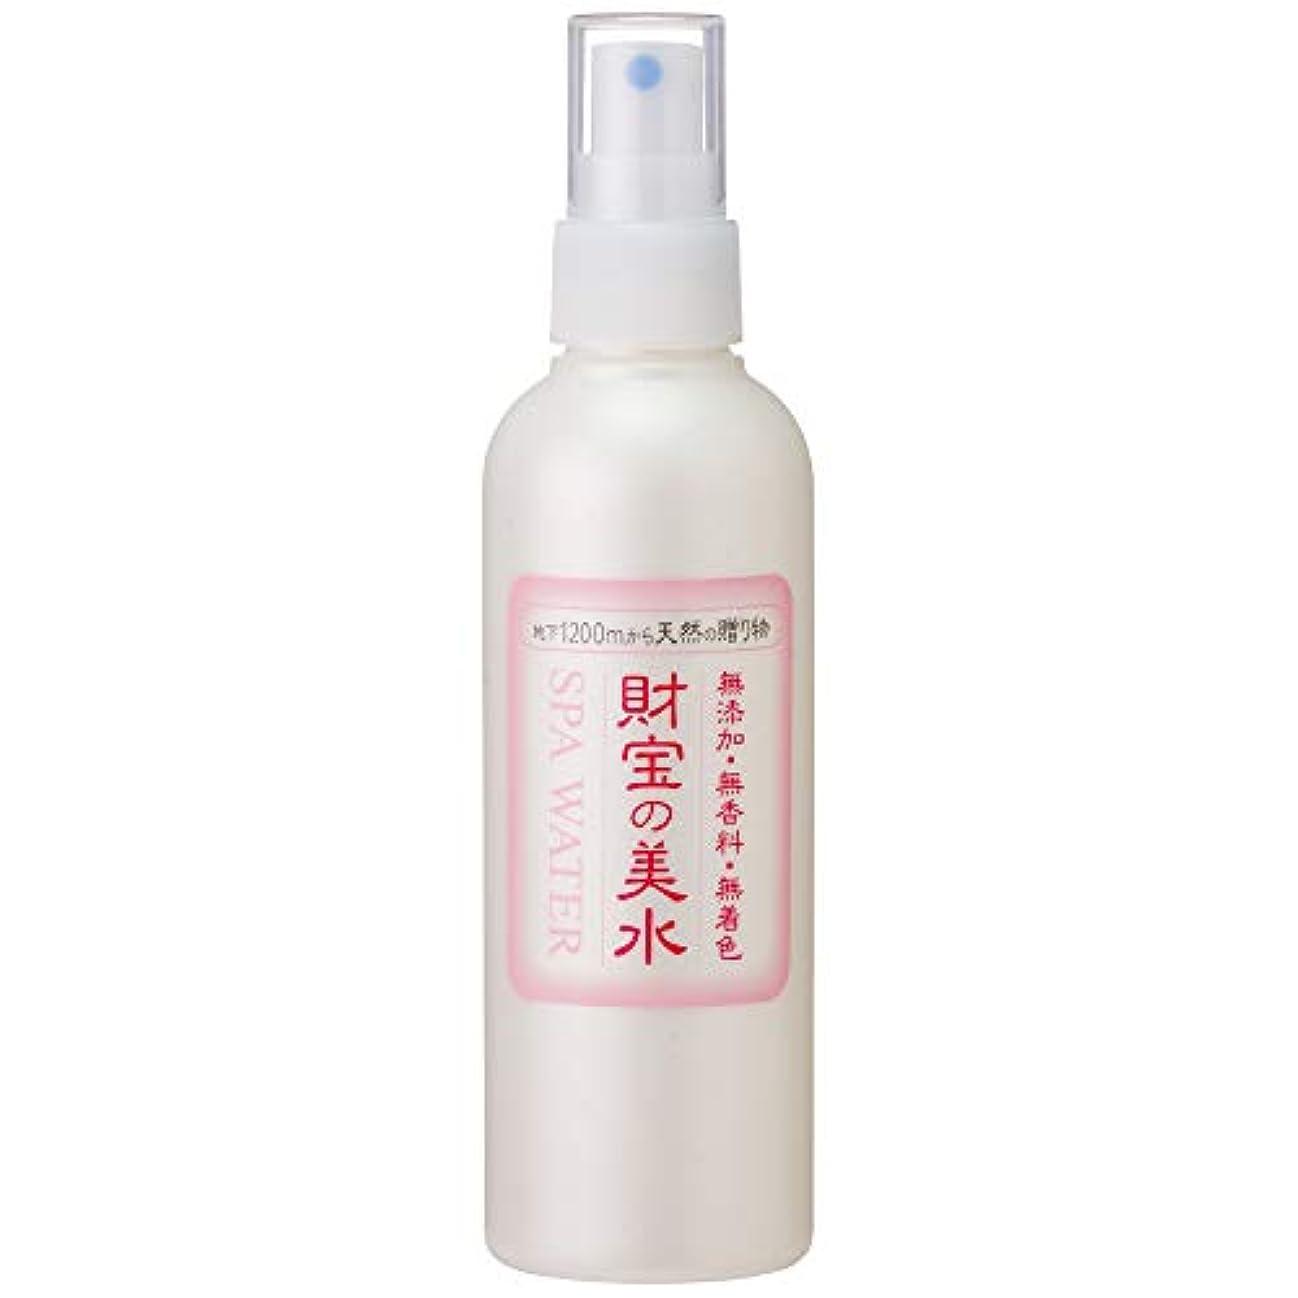 ルール経済的モンゴメリー財宝 温泉 美水 ミスト 化粧水 200ml